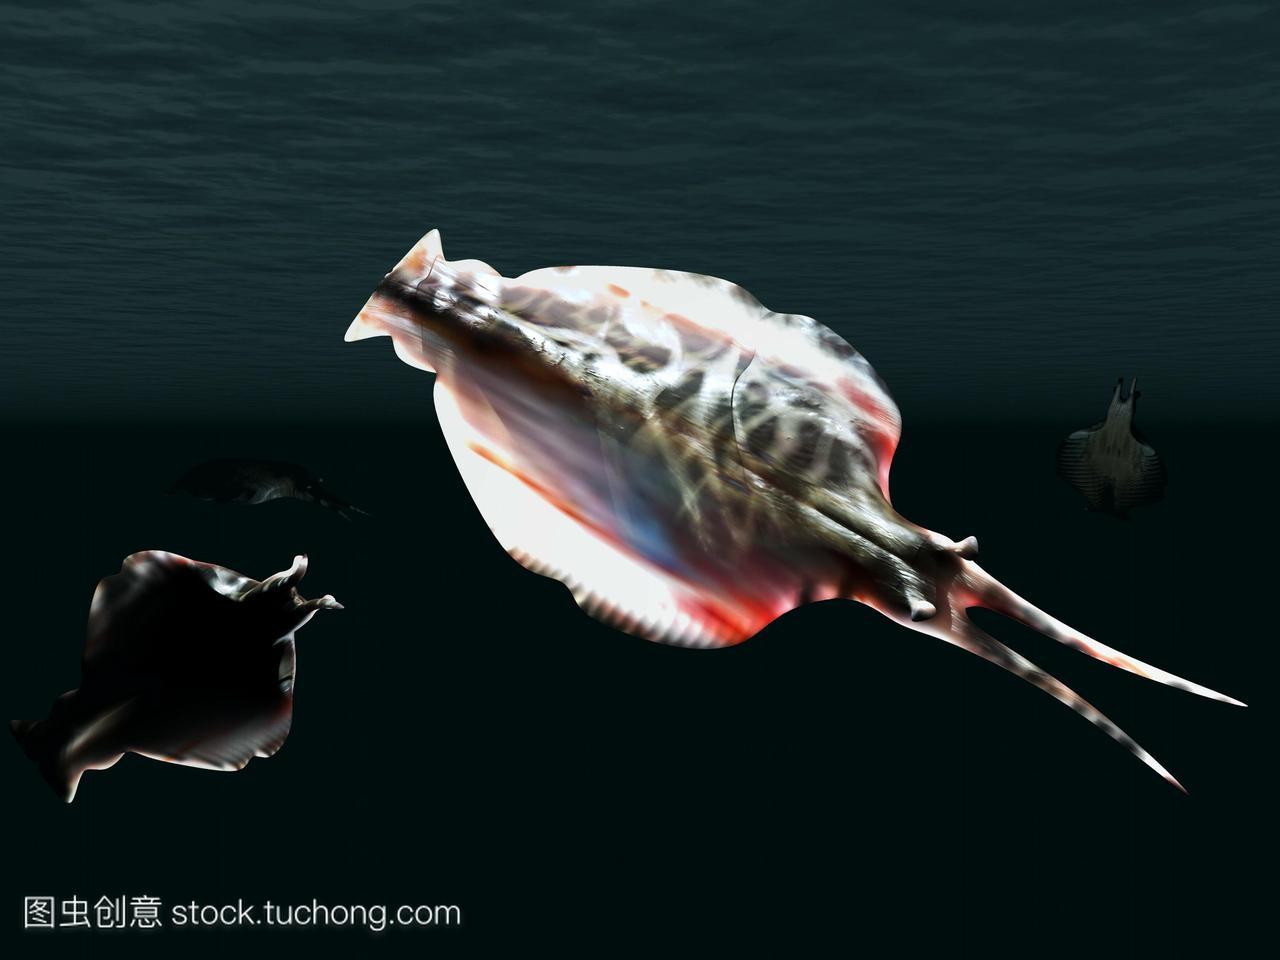 绘图Vetustovermis扁平无脊椎动物从寒武纪早